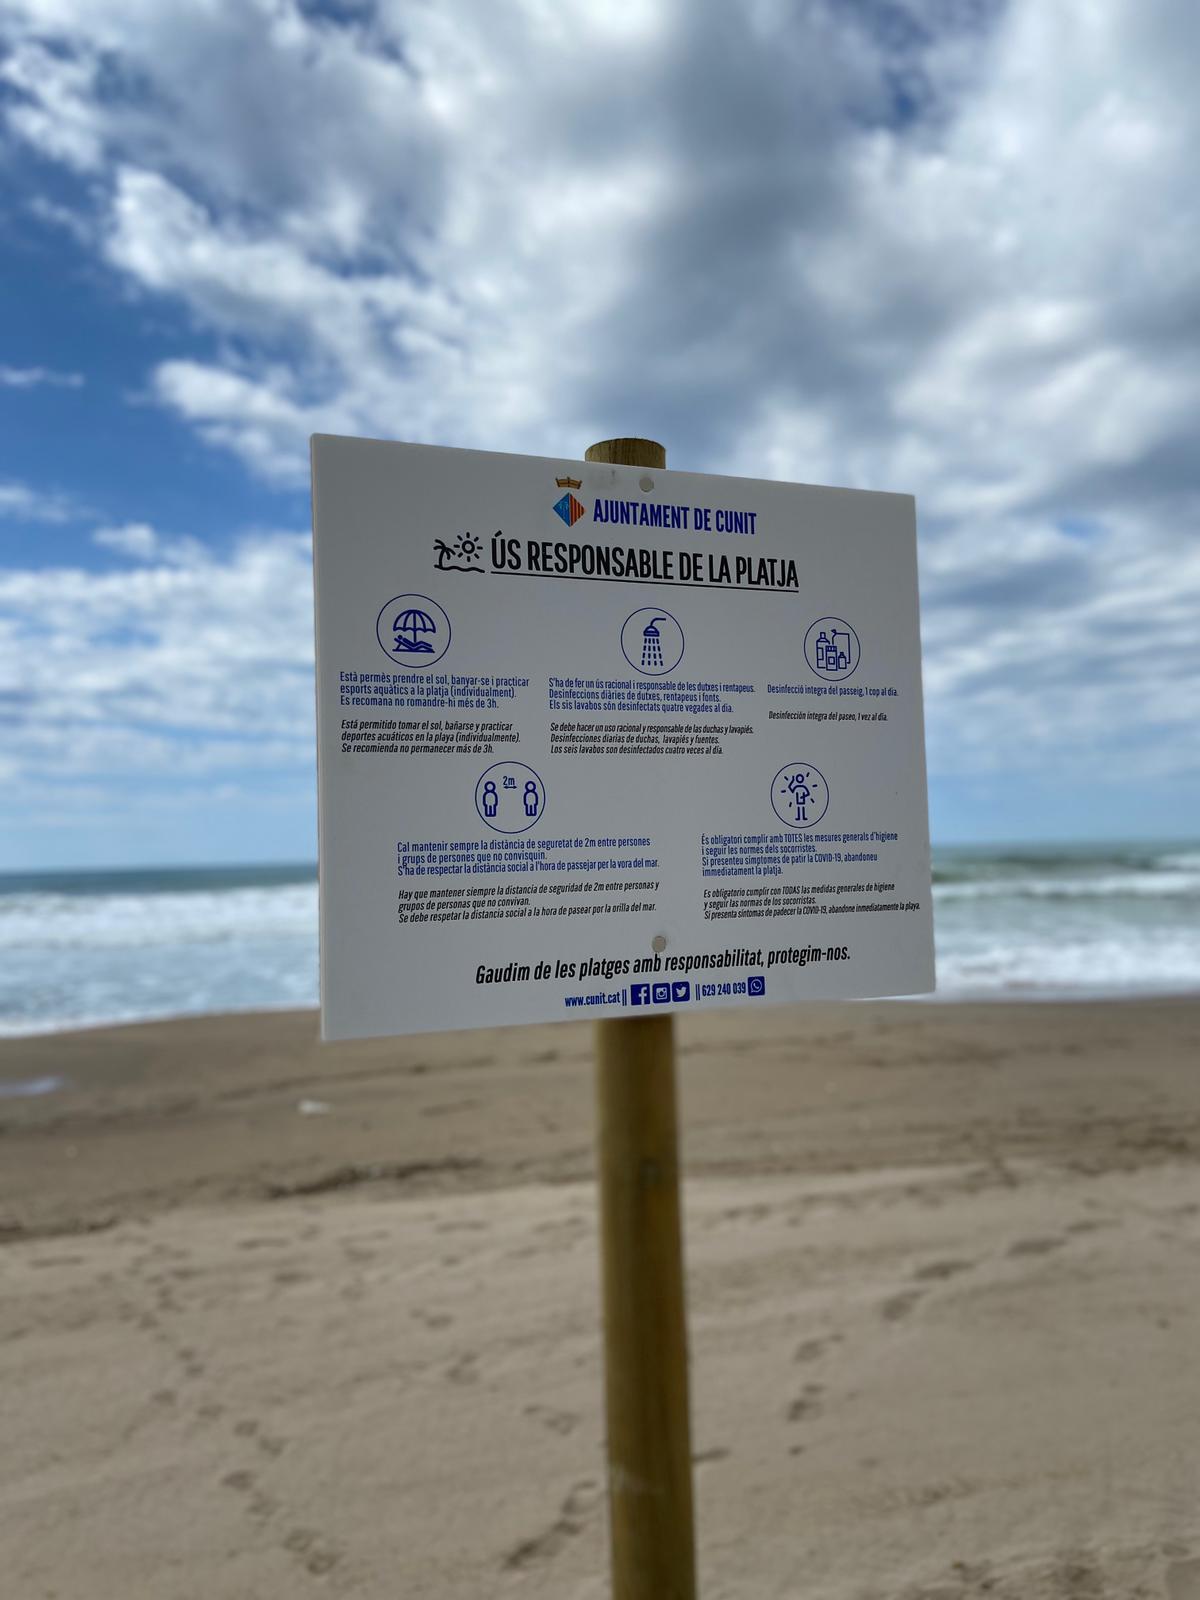 L'ajuntament de Cunit obrirà les platges el 15 de juny amb condicions especials